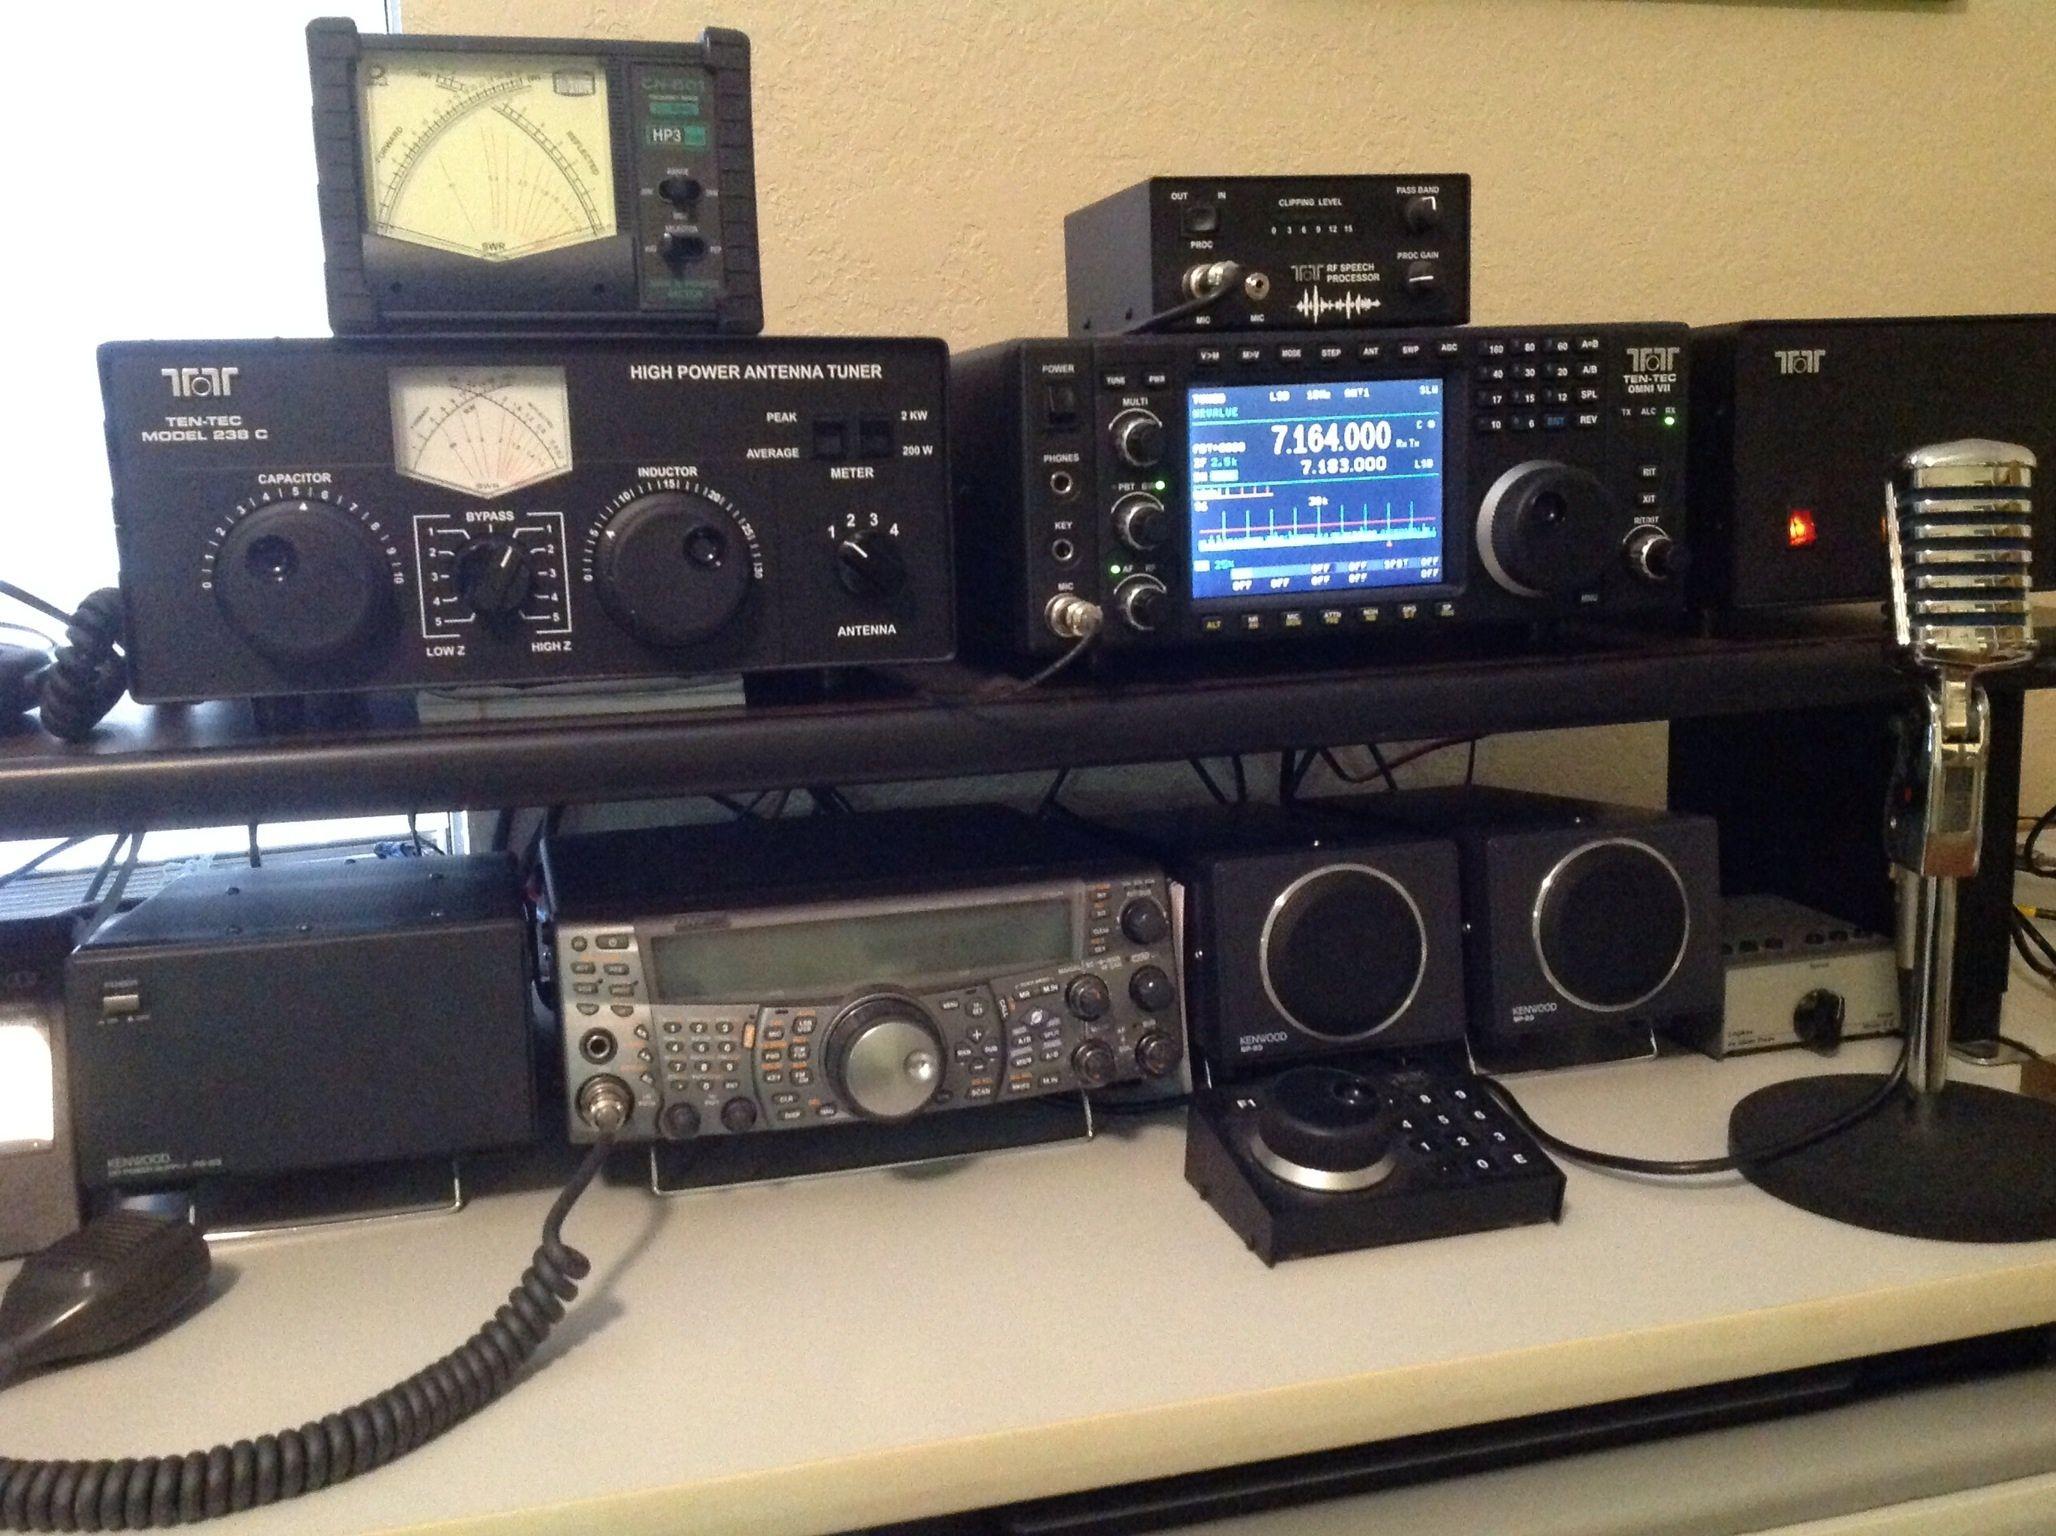 Amateur Radio Station Wb4omm: Amateur Radio Station WW5XX